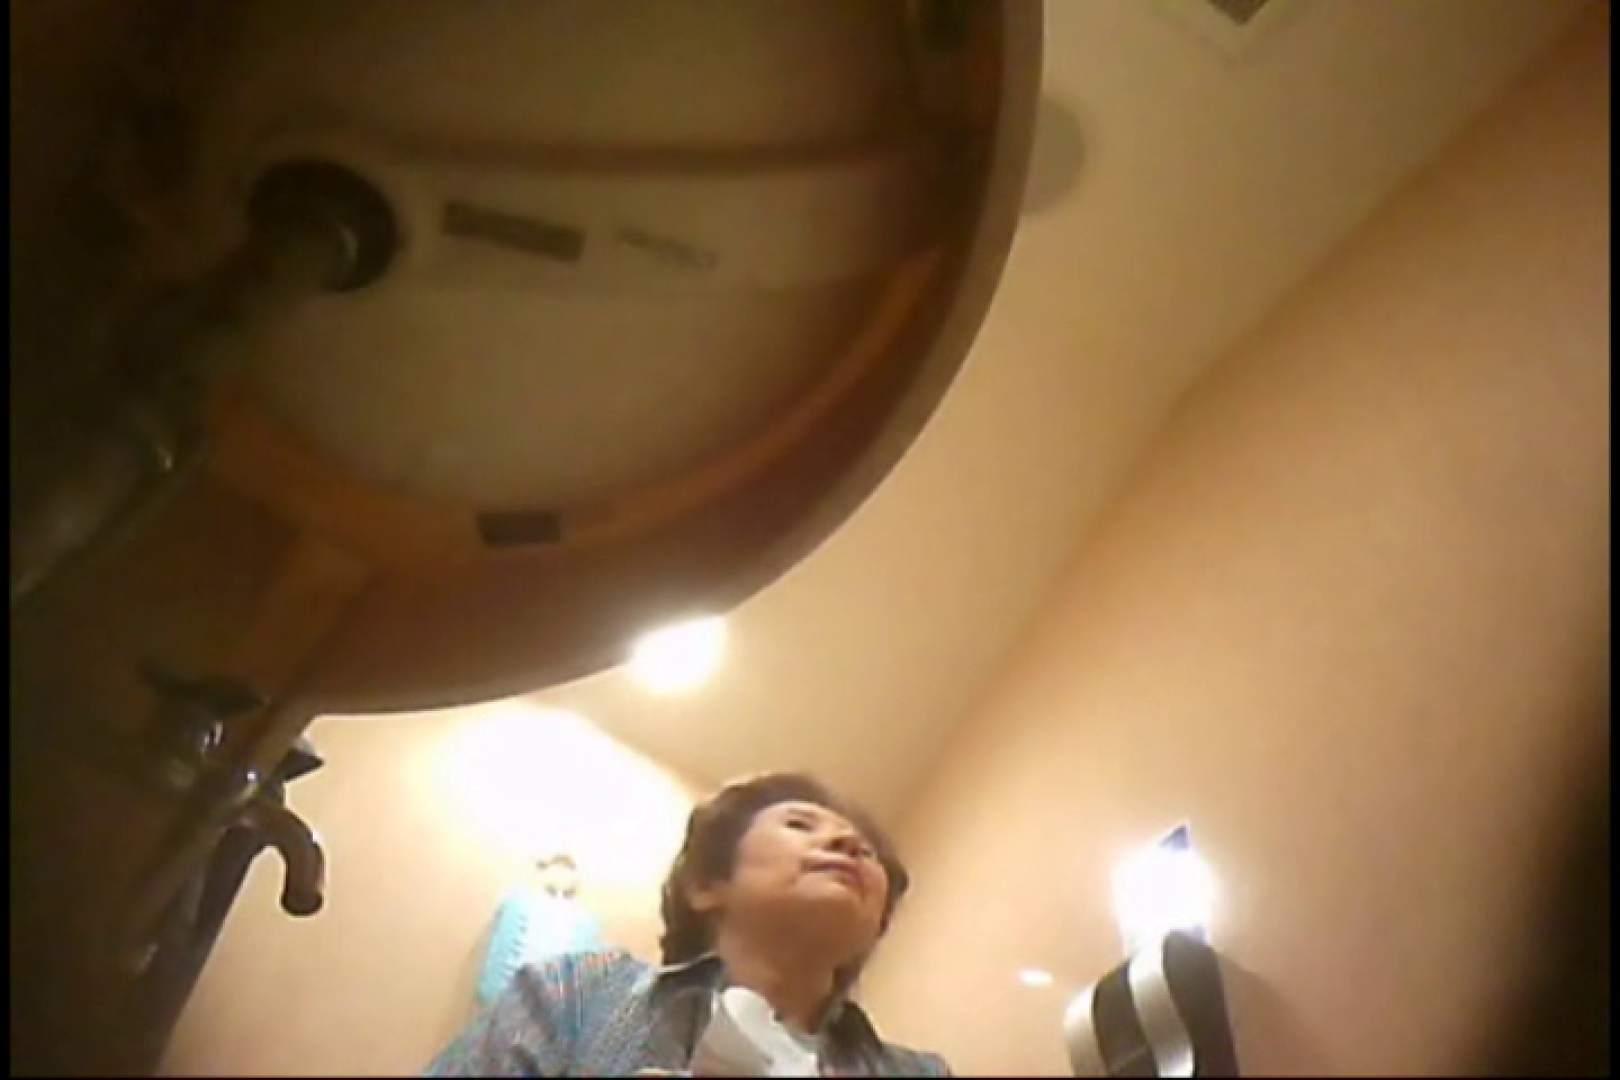 潜入!!女子化粧室盗撮~絶対見られたくない時間~vo,130 熟女のエロ動画 ヌード画像 100PIX 14